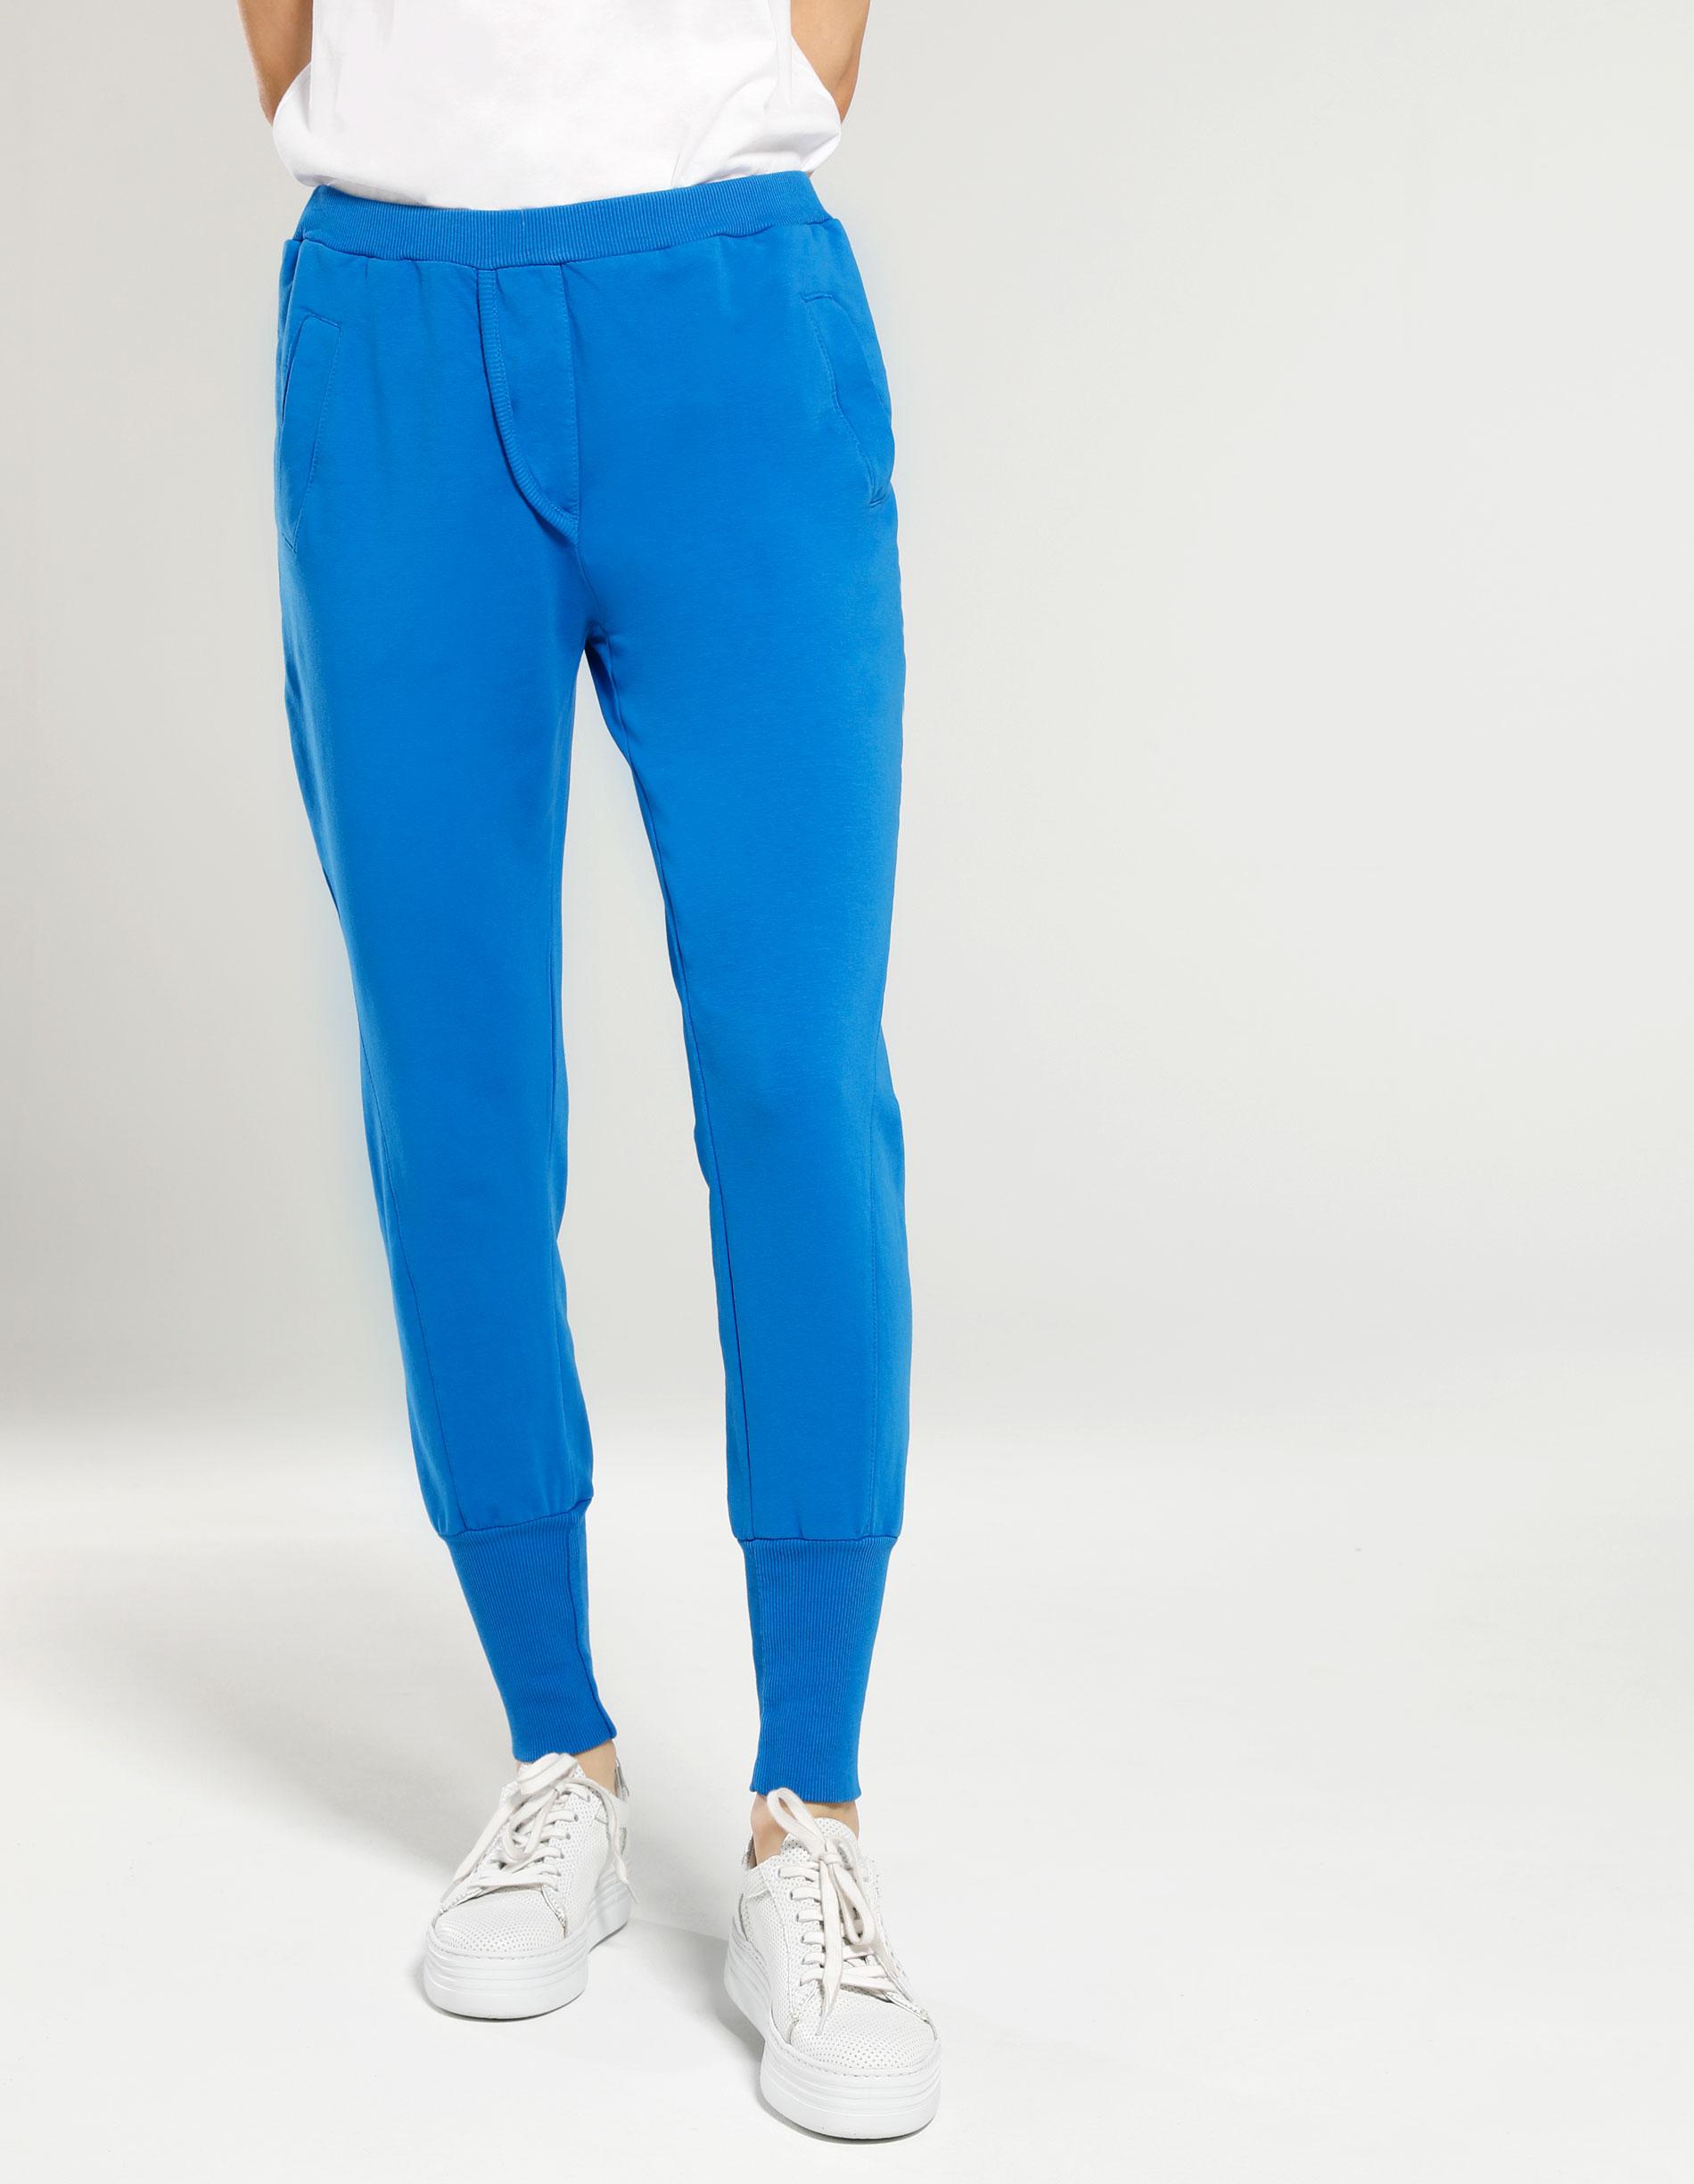 Spodnie - 185-1025 ROYA - Unisono